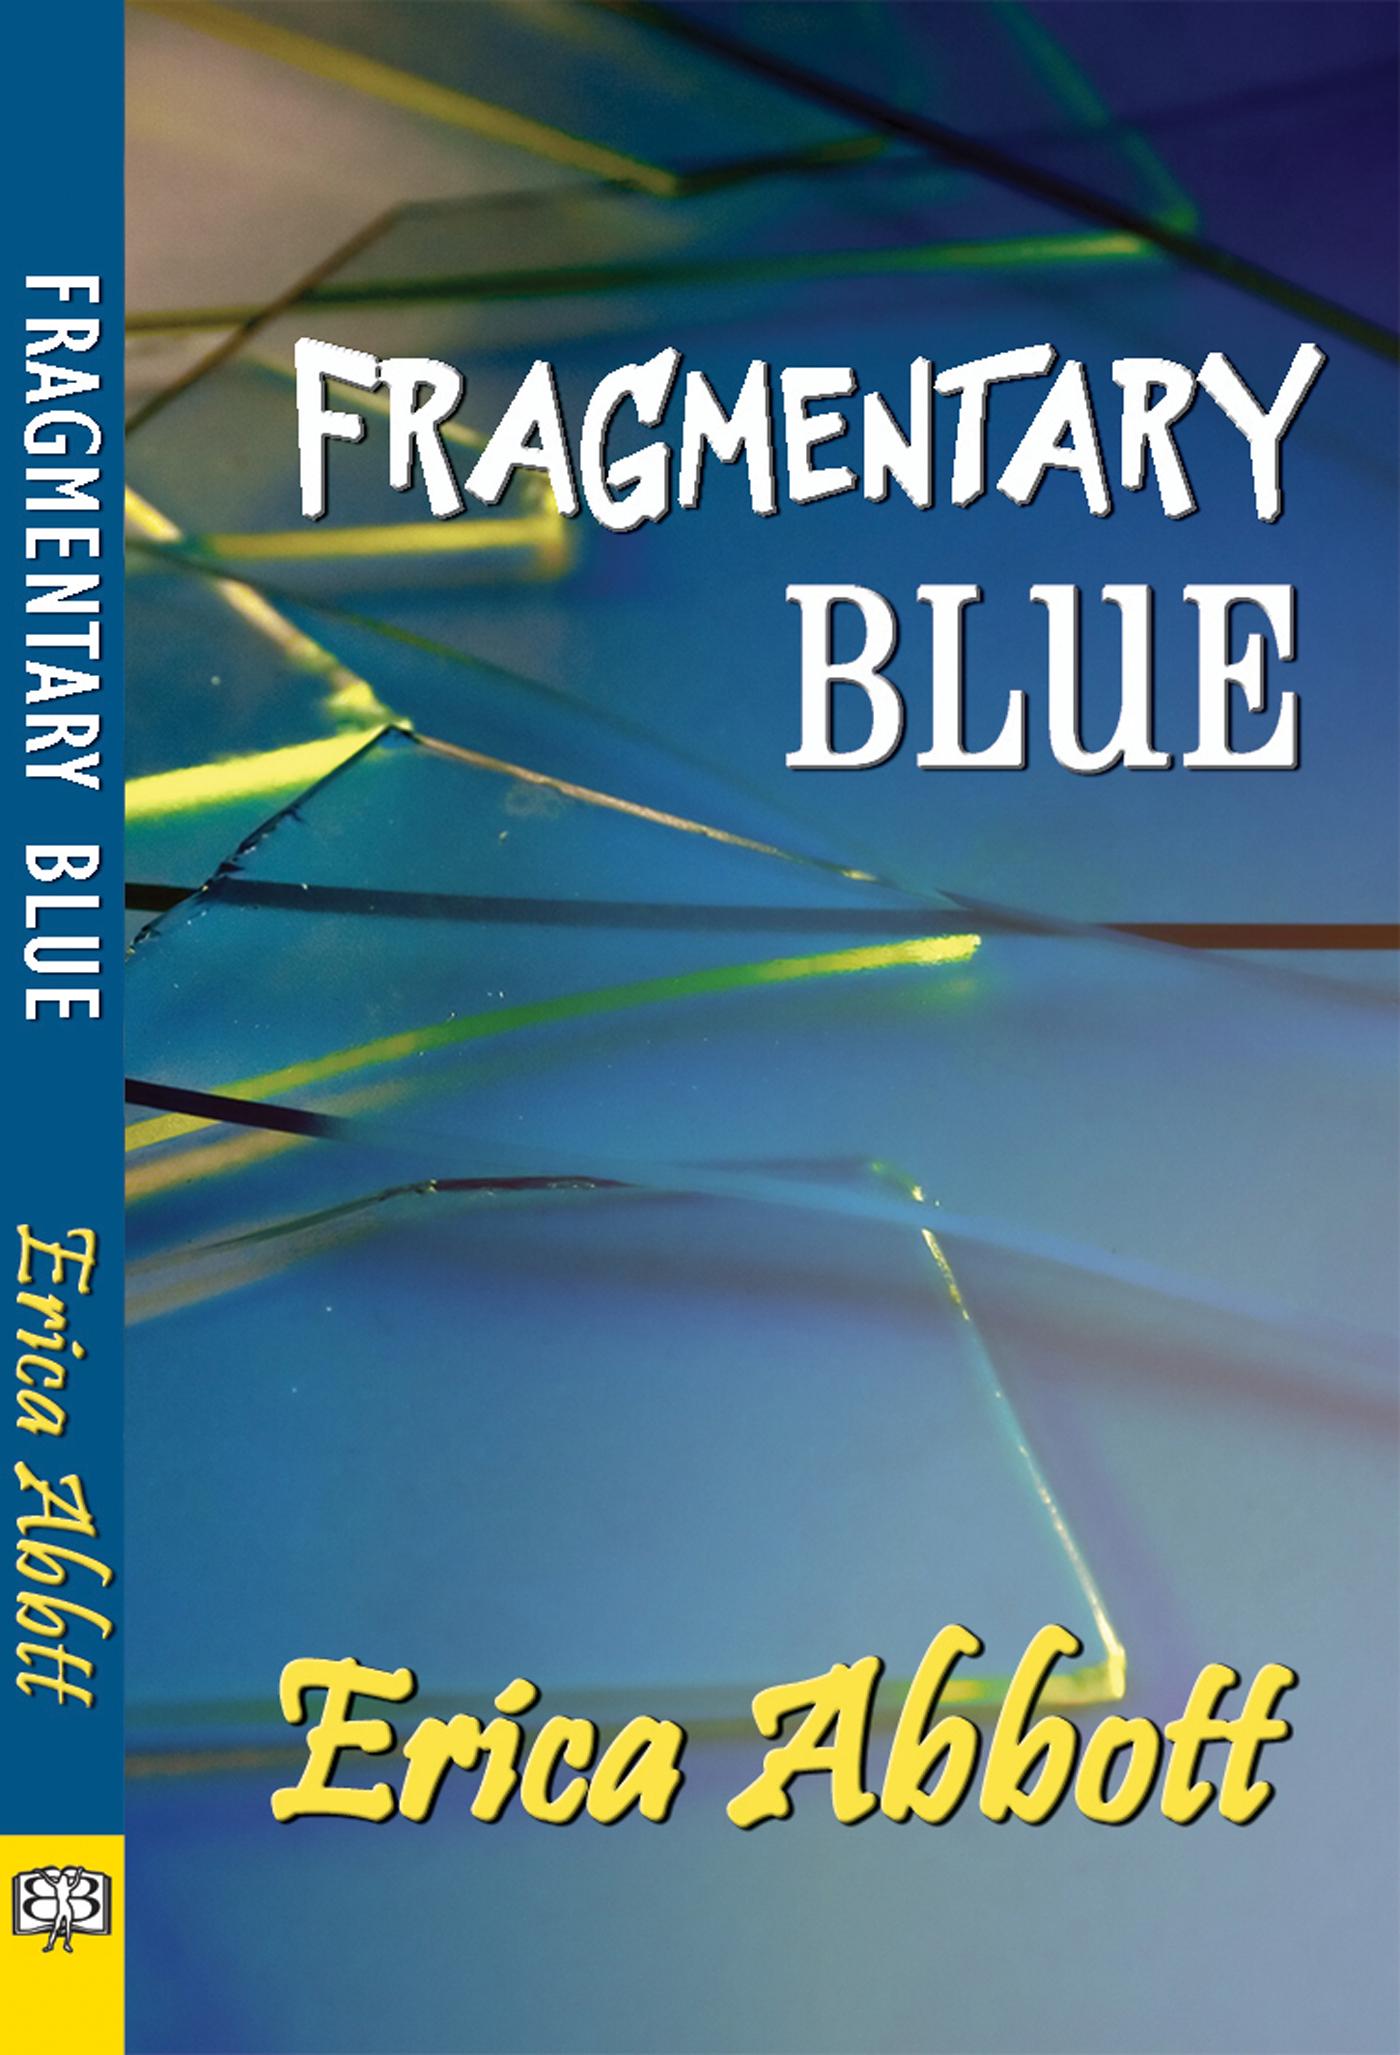 Fragmentary Blue Erica Abbott